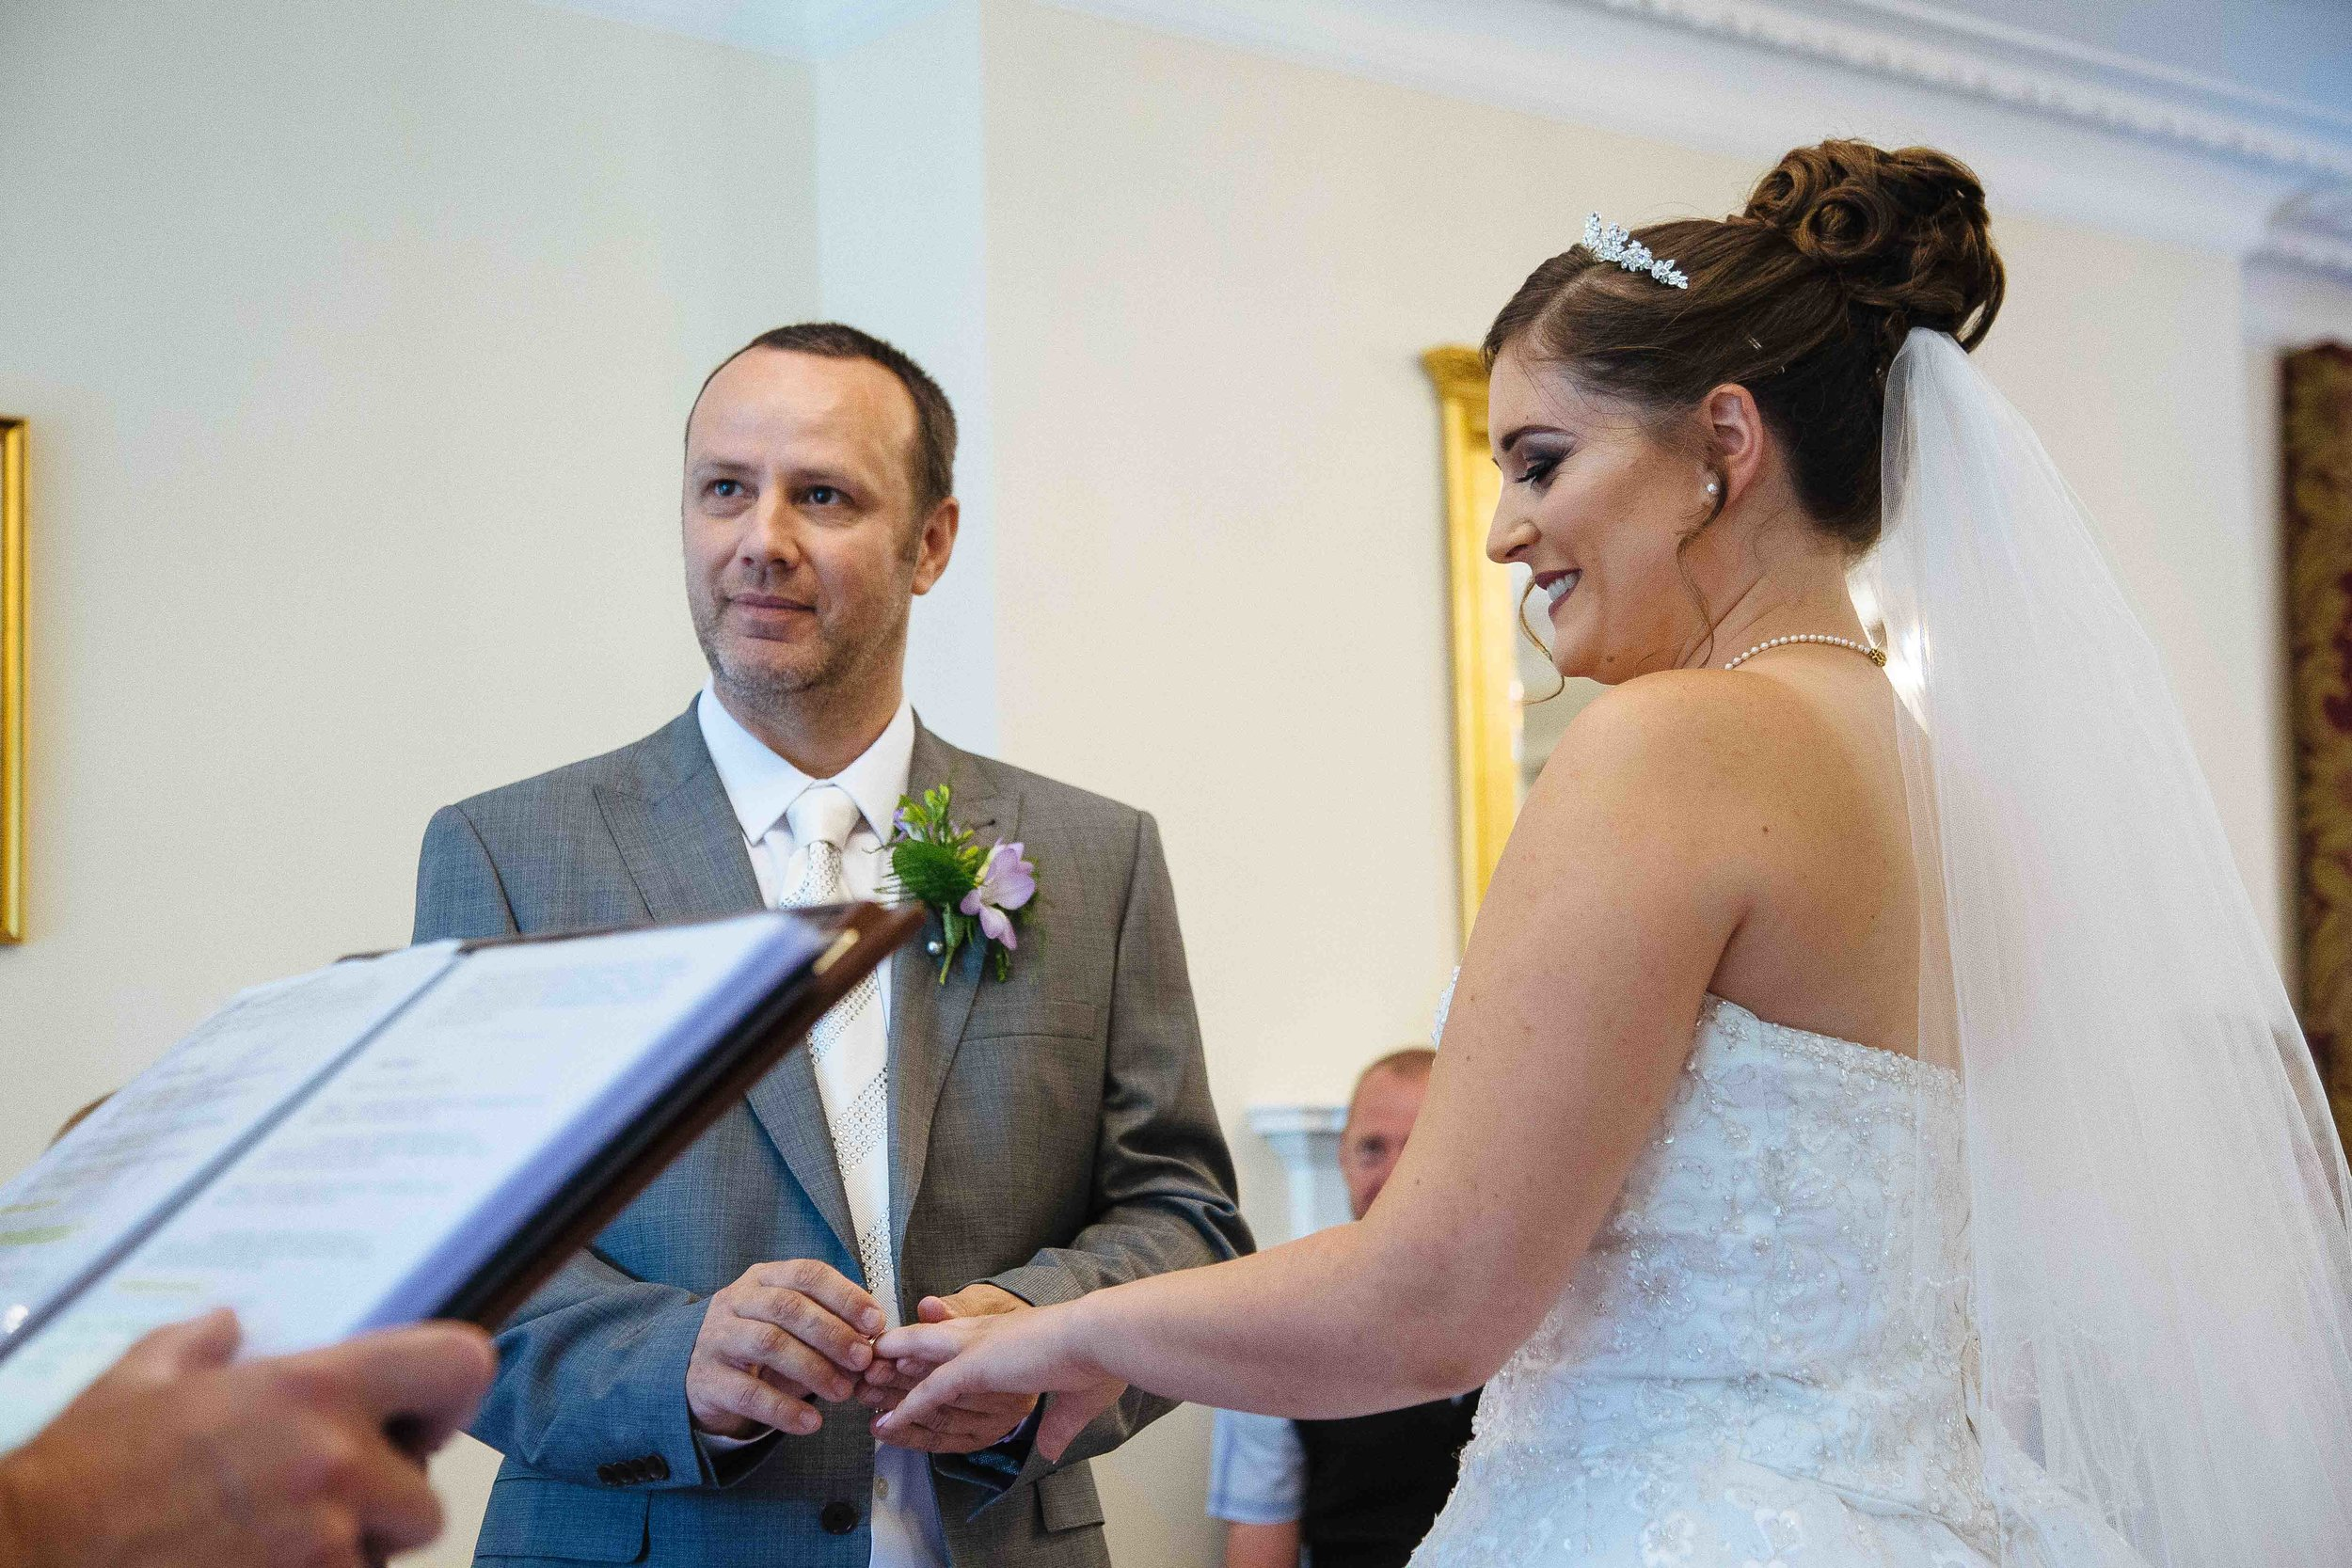 HamptonCourt-Wedding-Weybridge-Surrey-London-OatlandsParkHotel-28